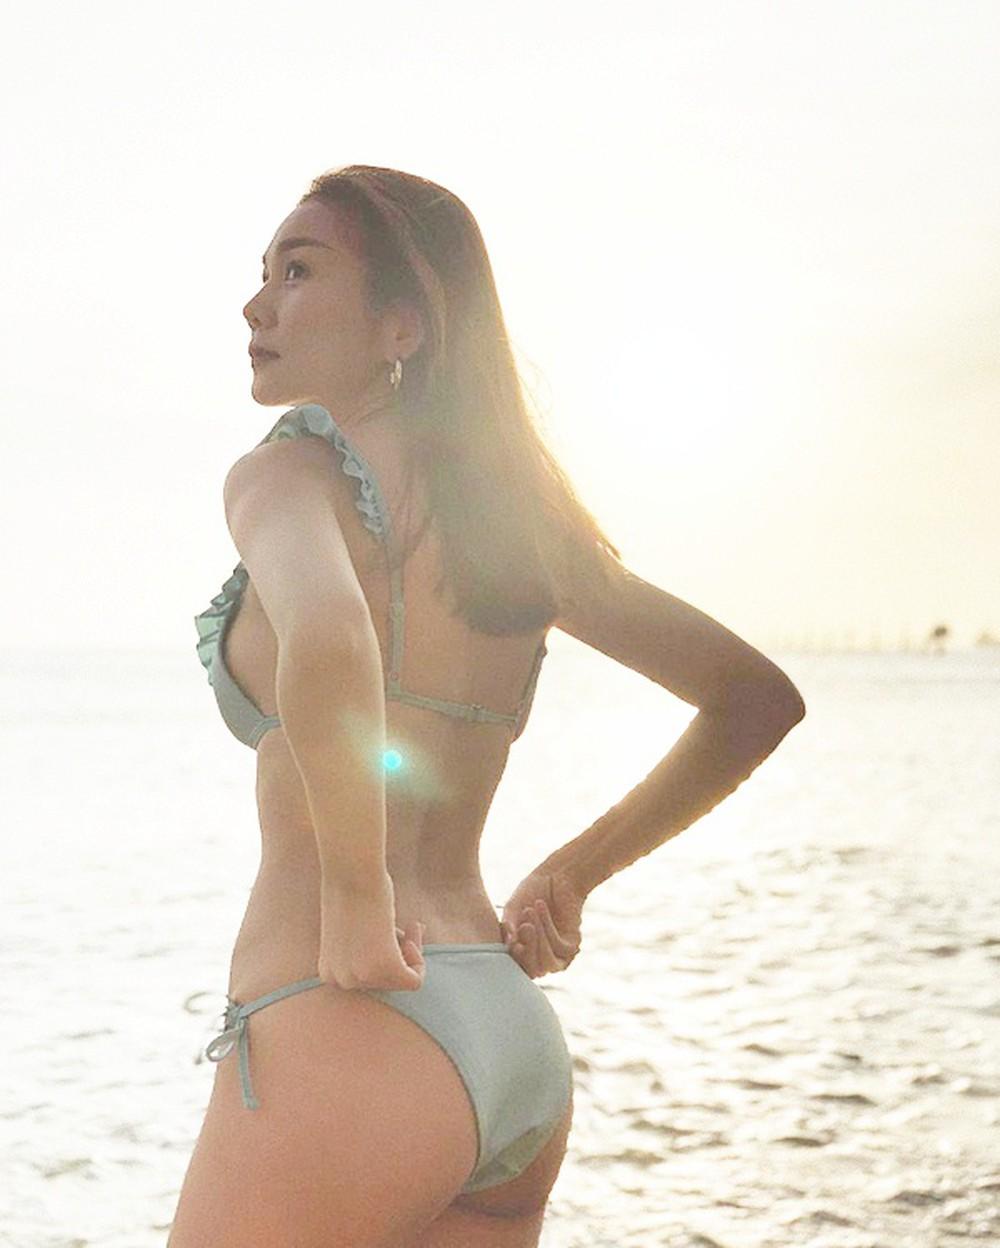 My nhan tuoi hoi co than hinh nong bong - Siêu mẫu Thanh Hằng